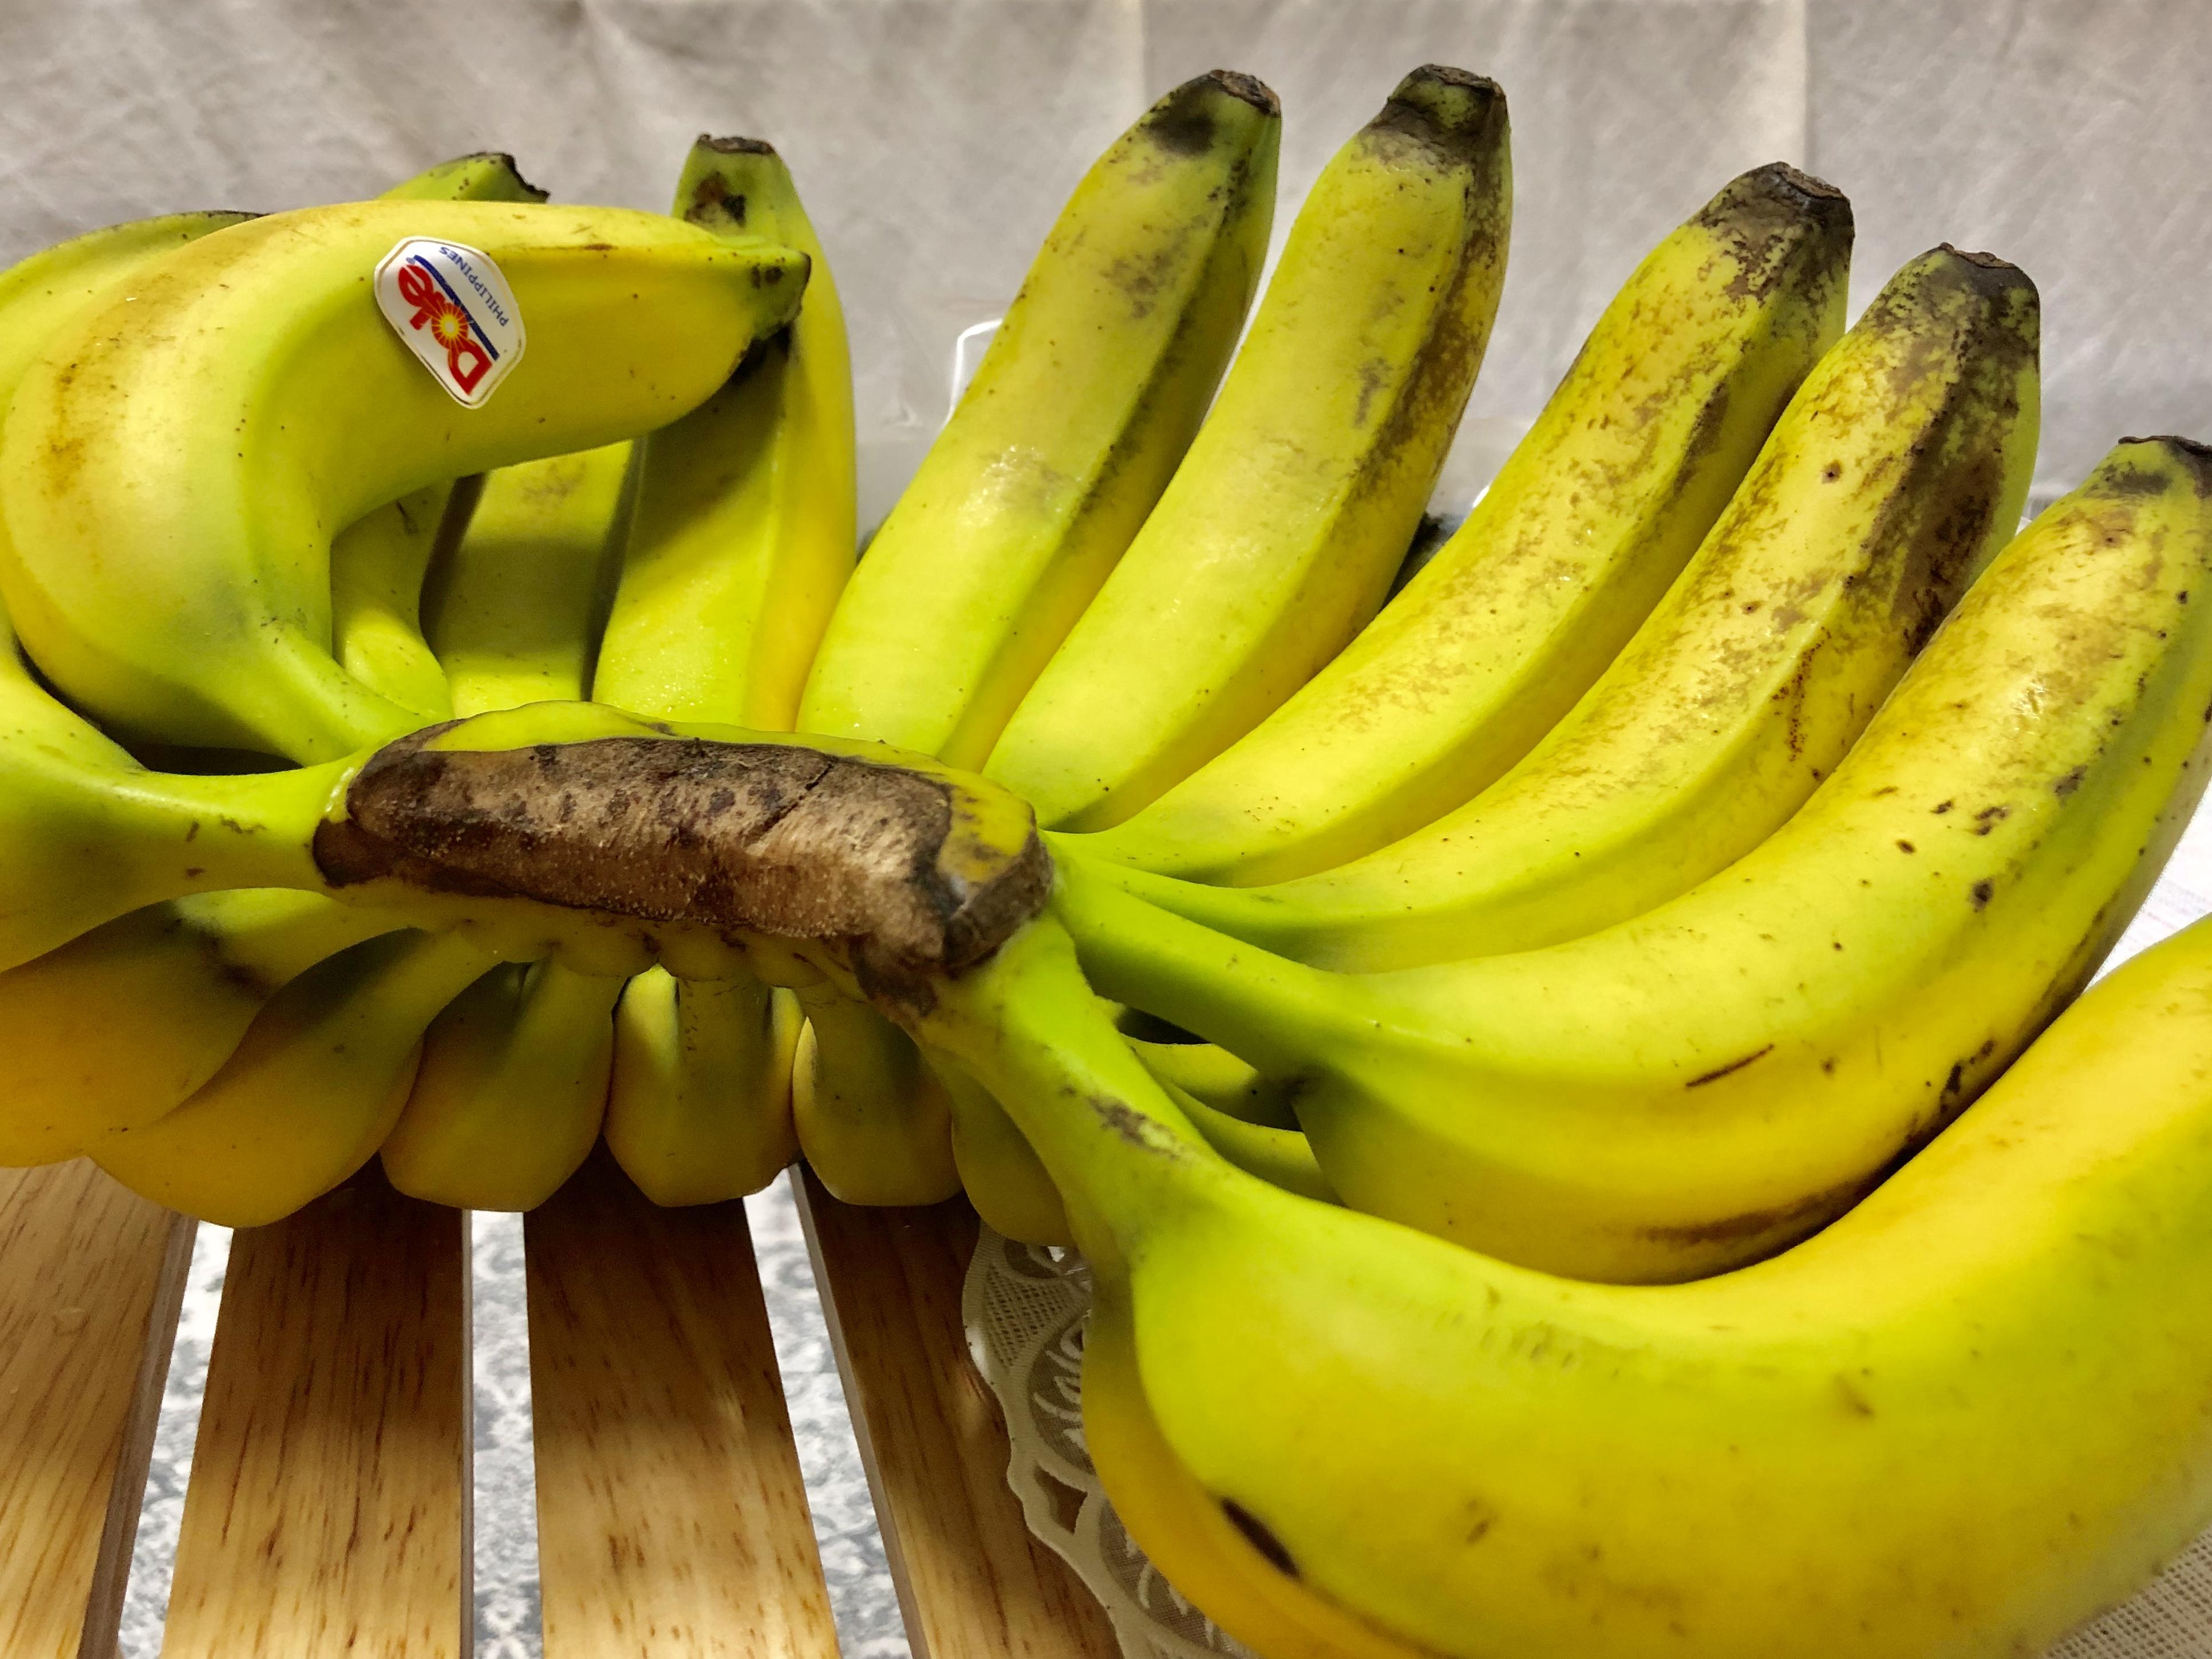 쿠팡 새벽배송 로켓프레시로 받은 바나나